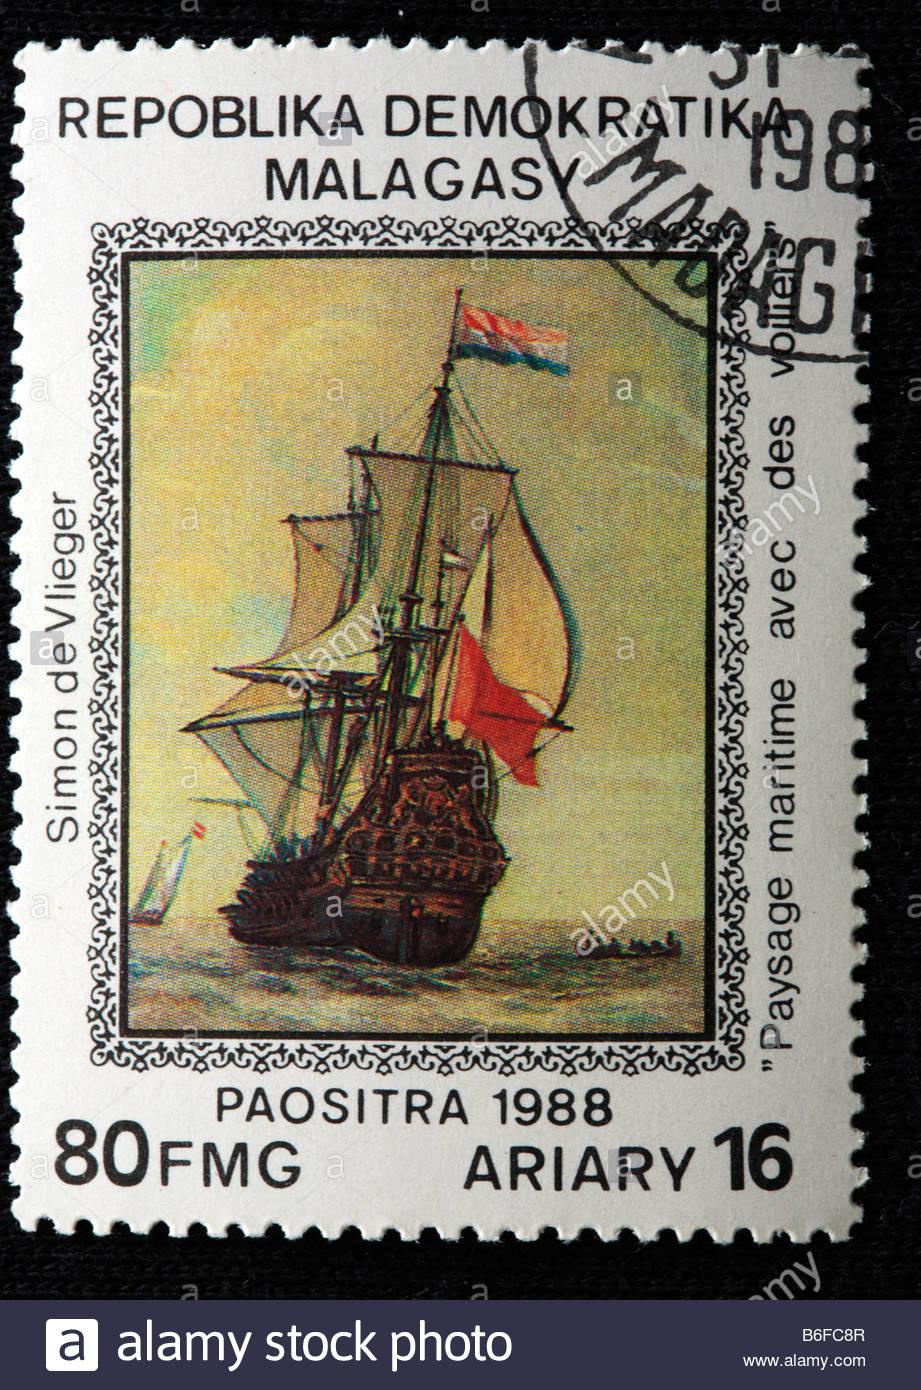 Französische Schlachtschiff, Briefmarke, Madagaskar (Malagasy), 1988 Stockbild